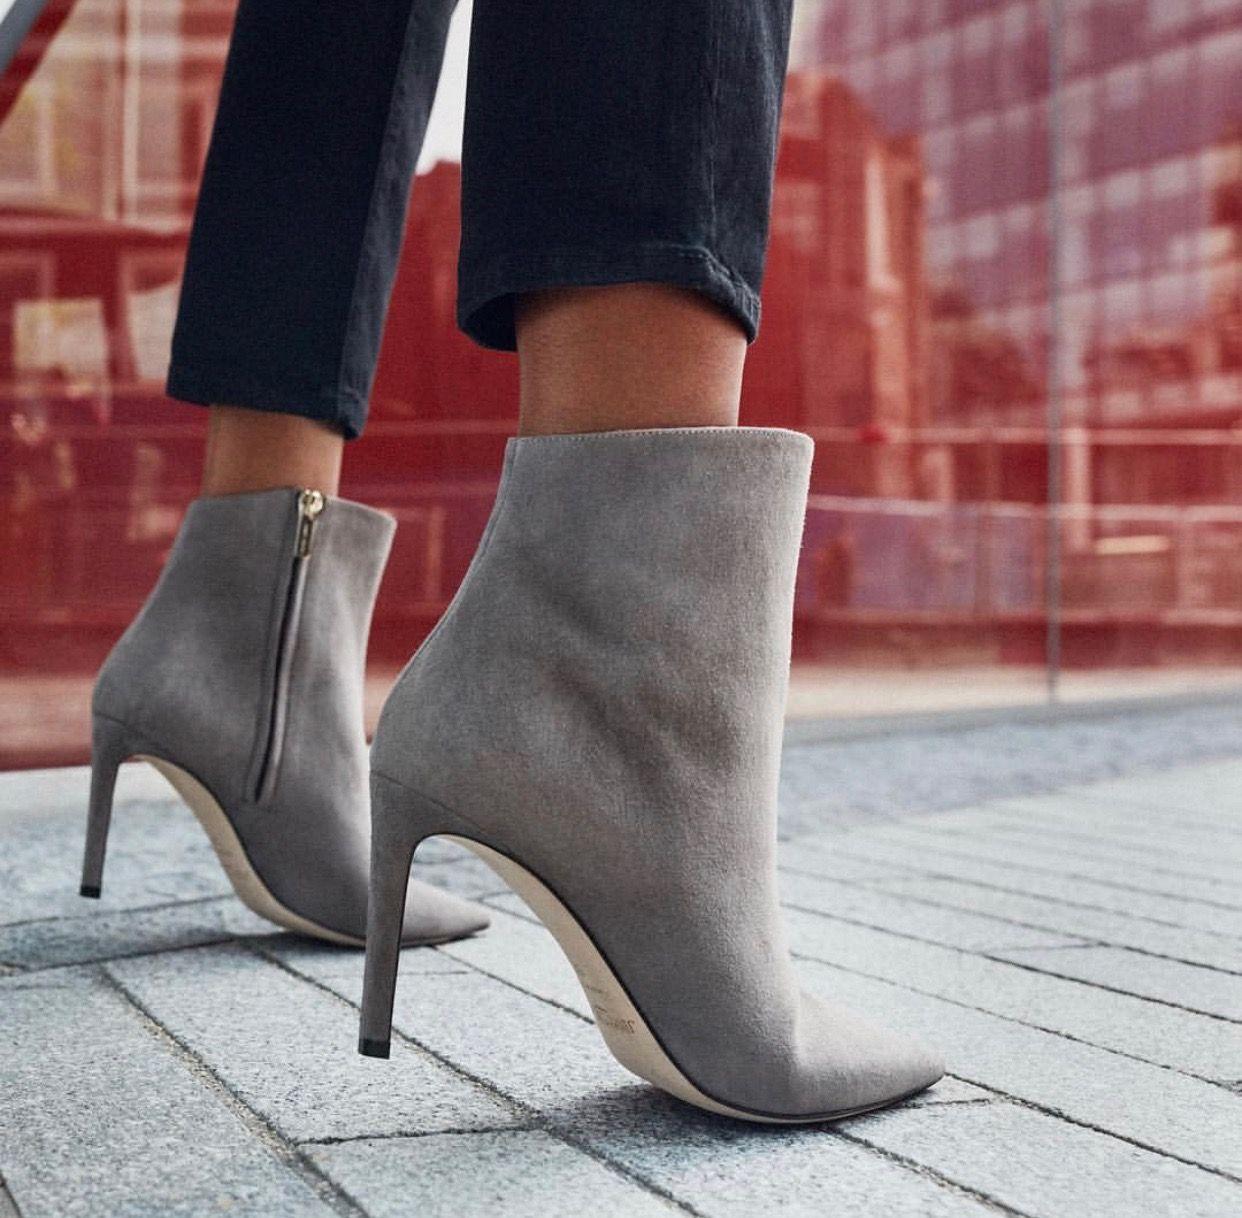 c6f47cce63d1 Jimmy Choo Helaine Booties 2019  shoes  shoesaddict  sandals  zapatos   estilo  fashion  style  vanessacrestto  stiletto  boots